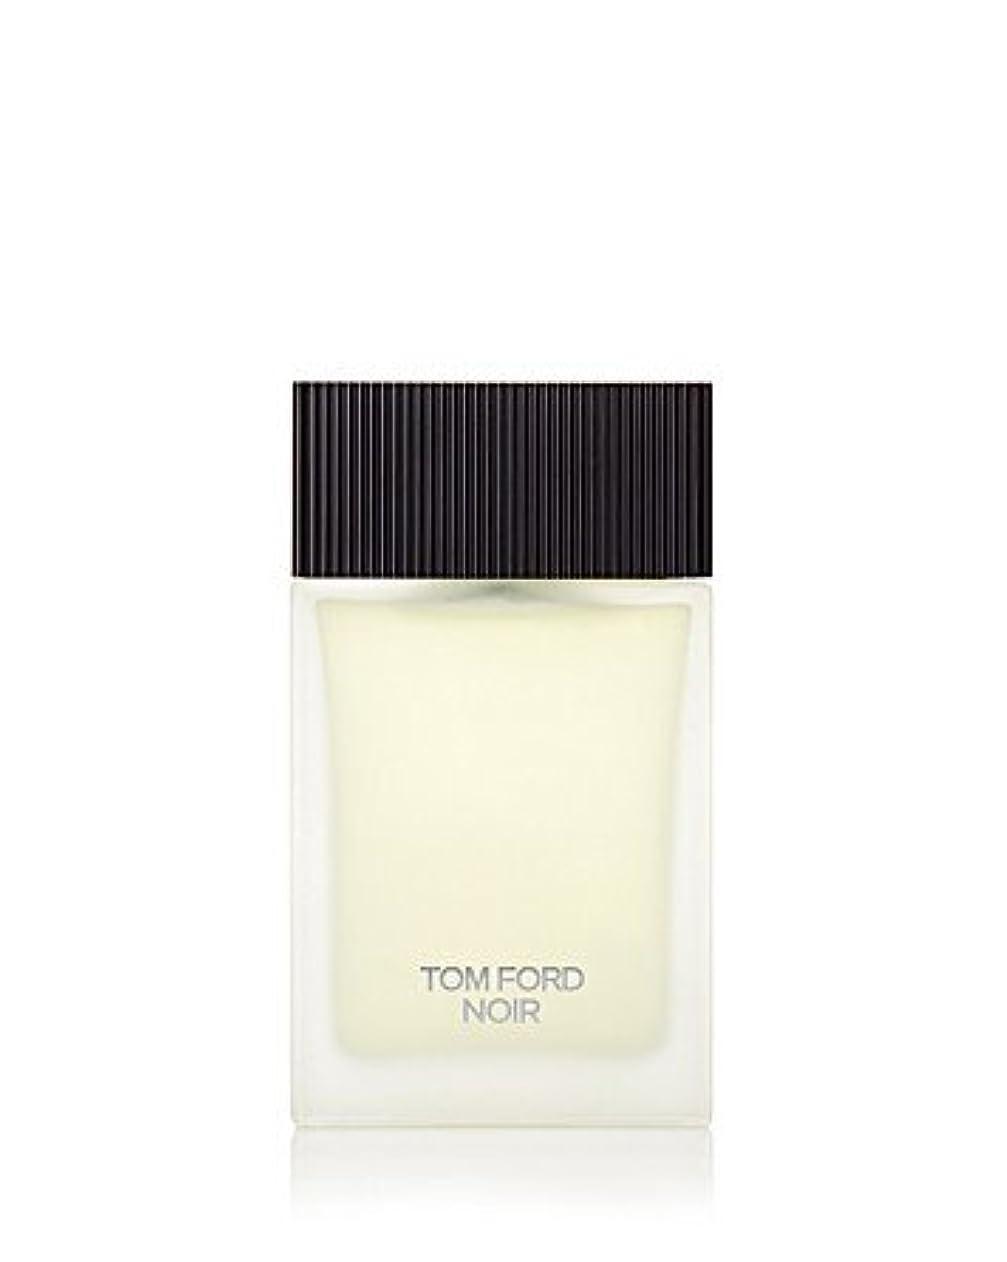 球状原子炉瞑想Tom Ford 'Noir' (トムフォード ノワール) 1.7 oz (50ml) EDT Spray for Men